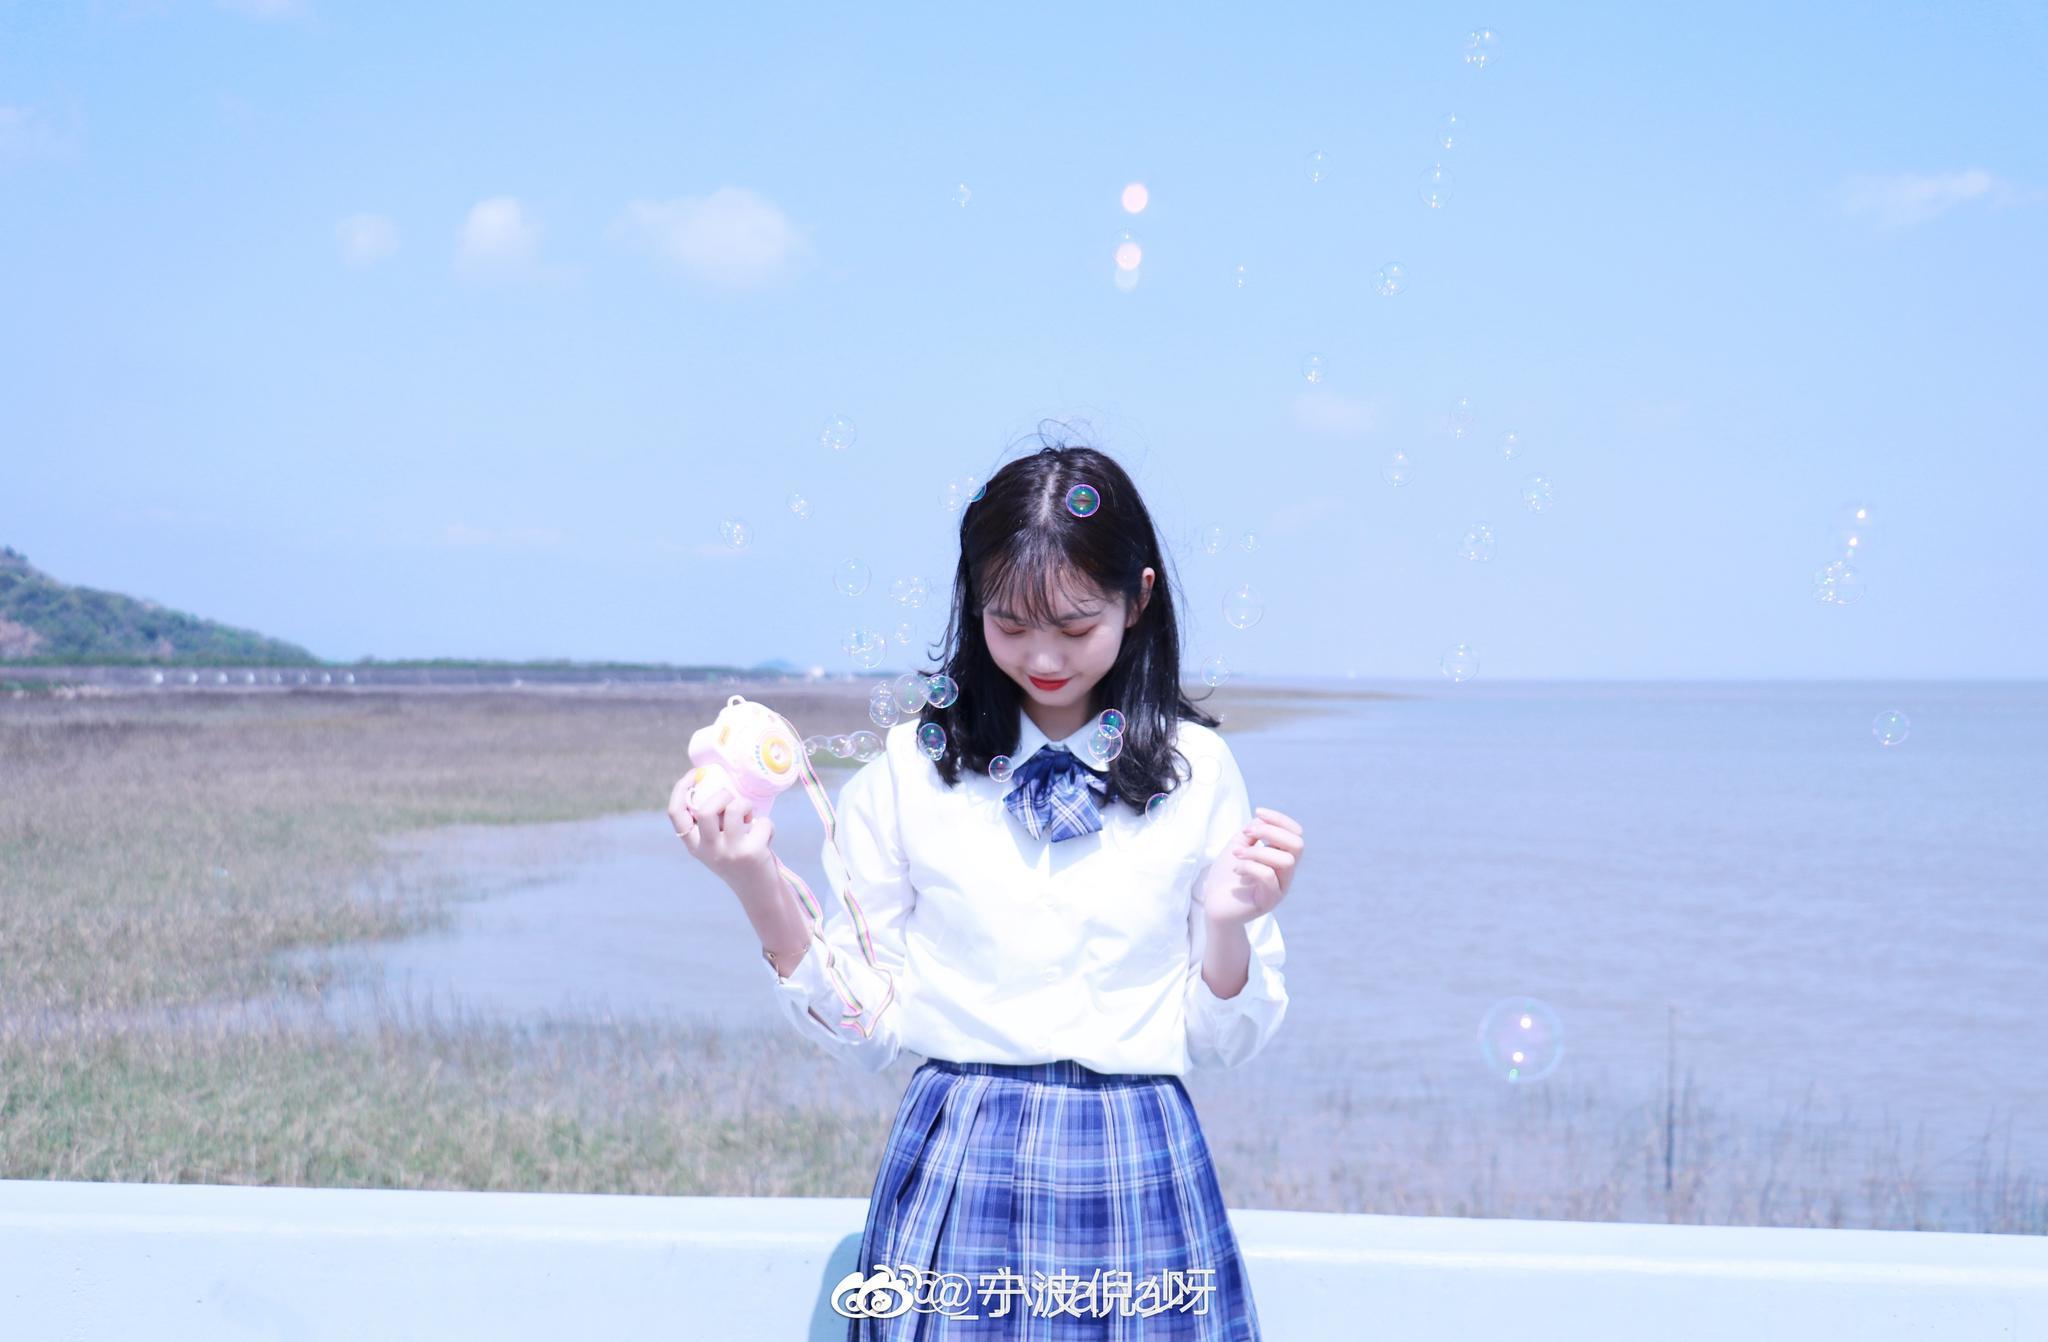 ✨我的春日写真集 | Jk📍横山码头 (@_小nana呀 投稿)